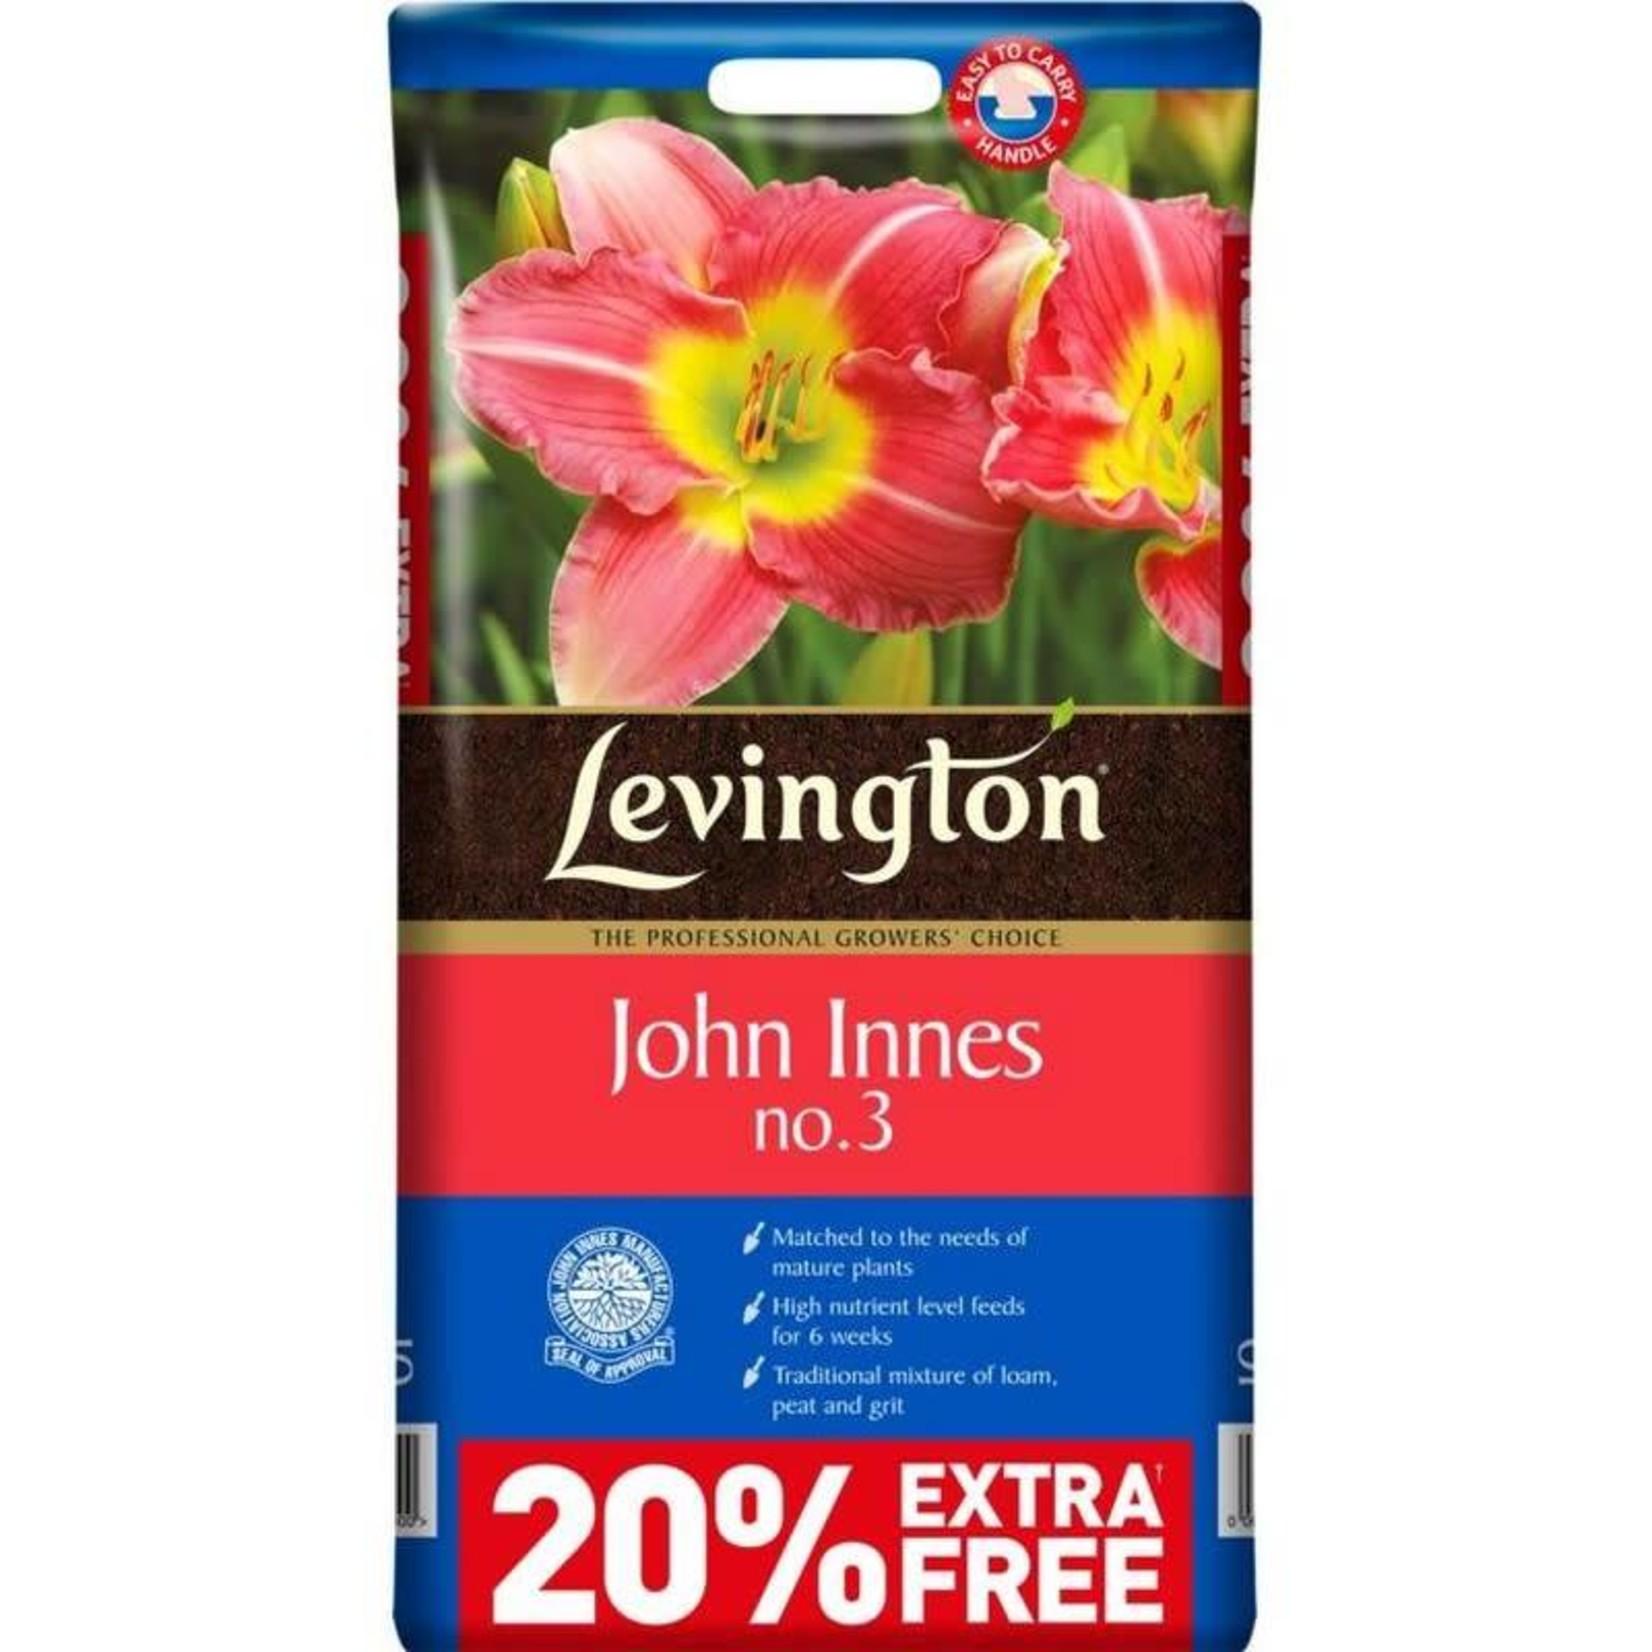 LEVINGTON JOHN INNES NO 3 10 LITRE